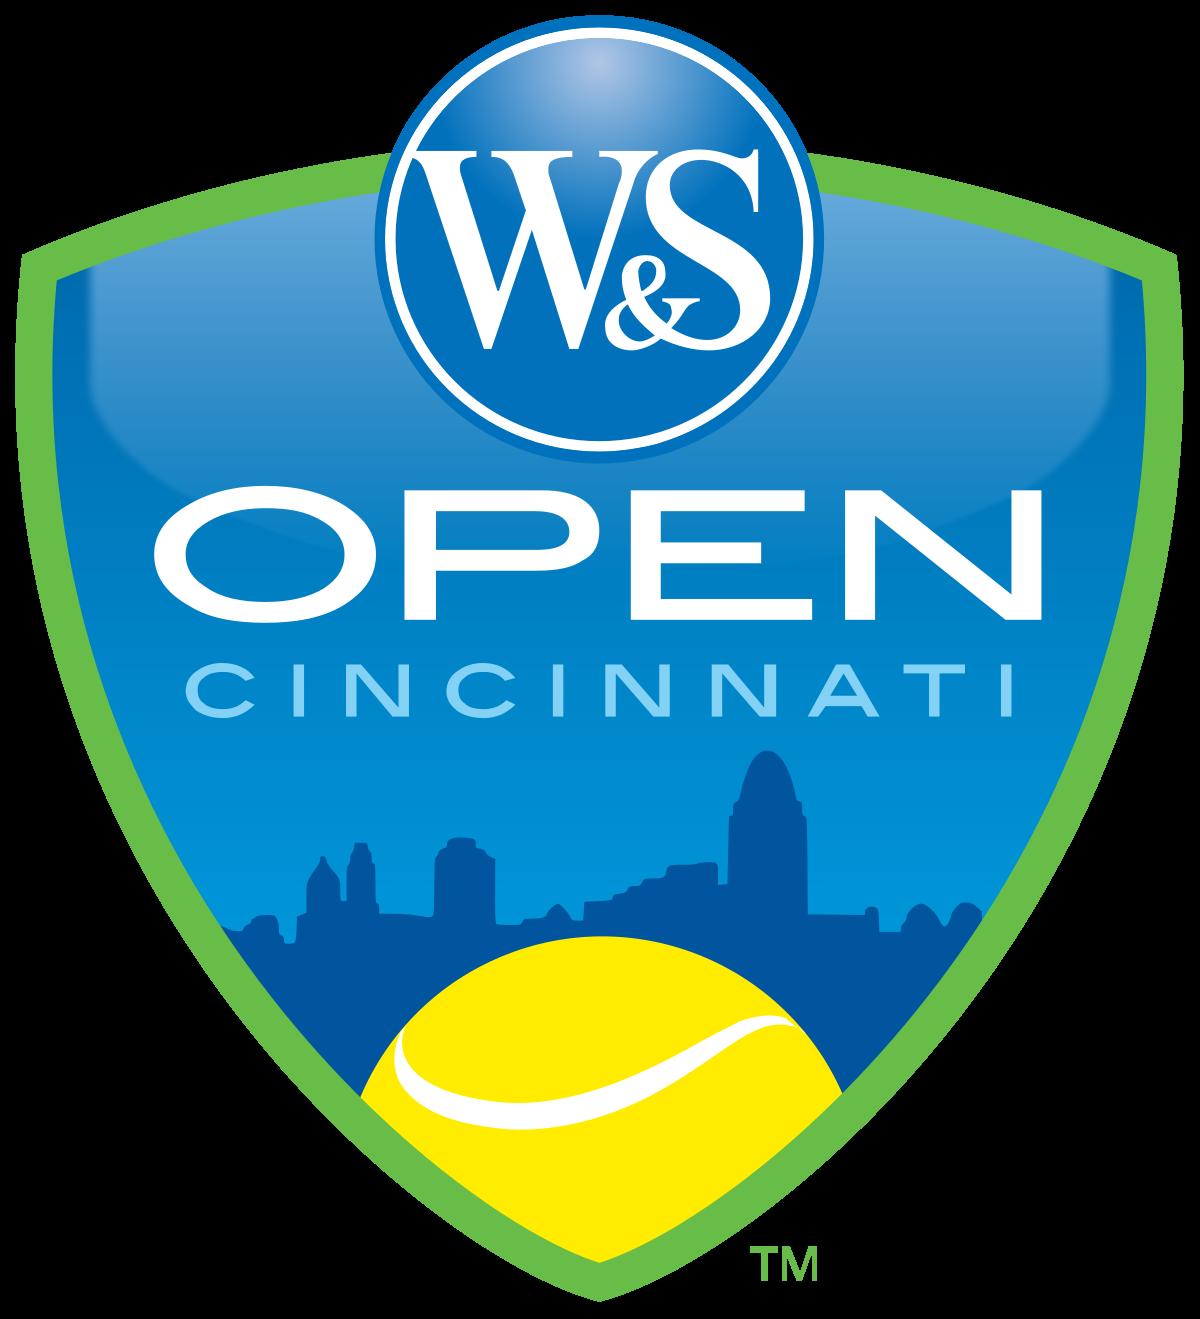 Western Southern Open logo